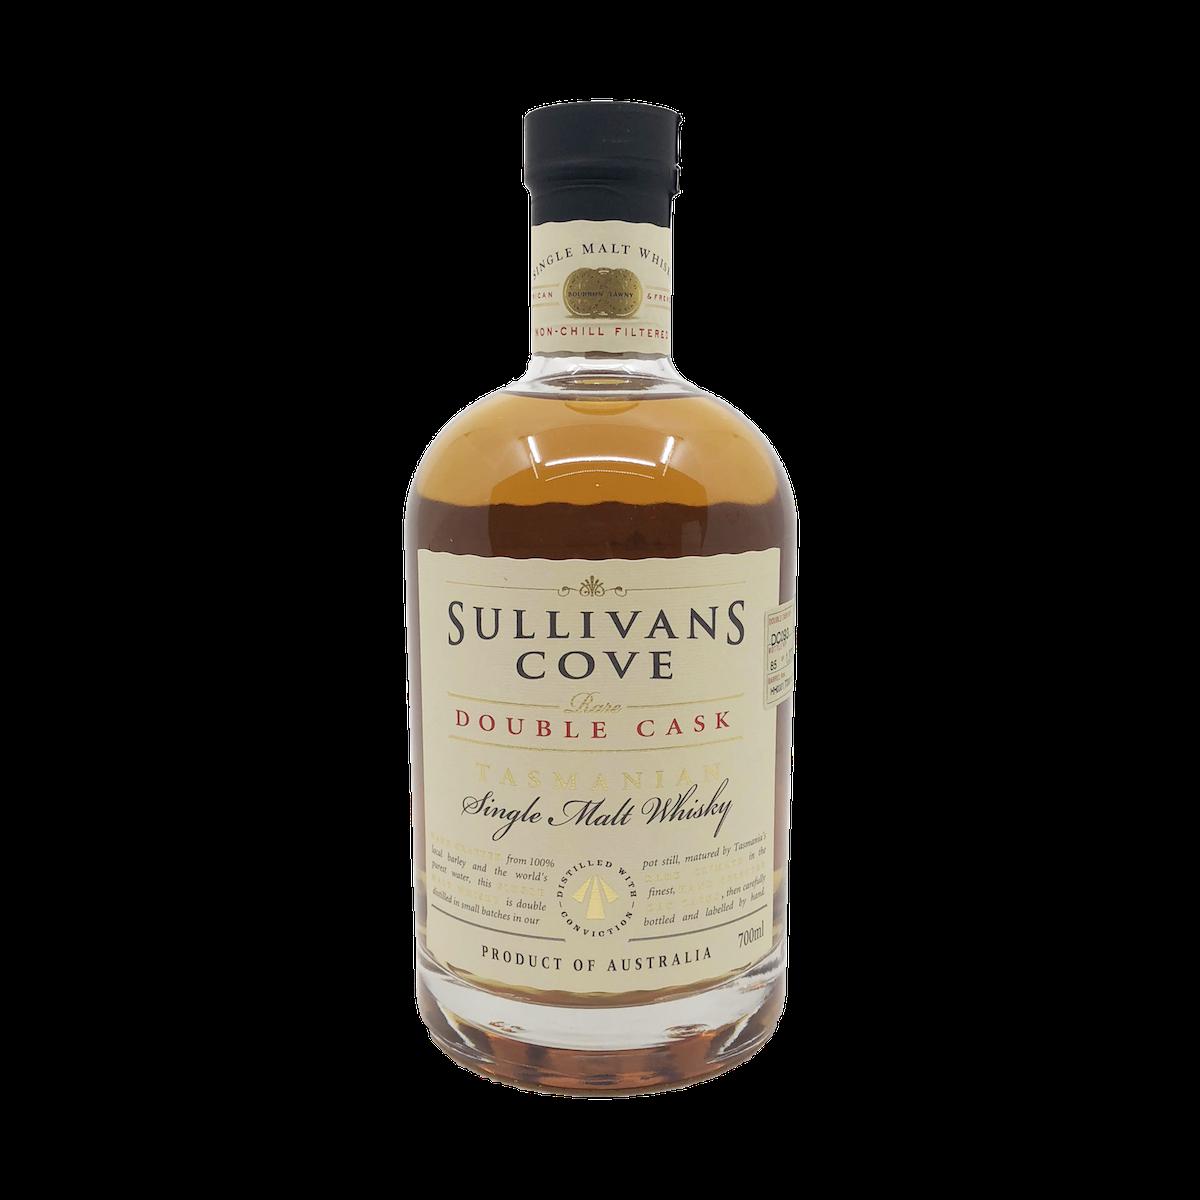 Sullivans cove single malt whiskey